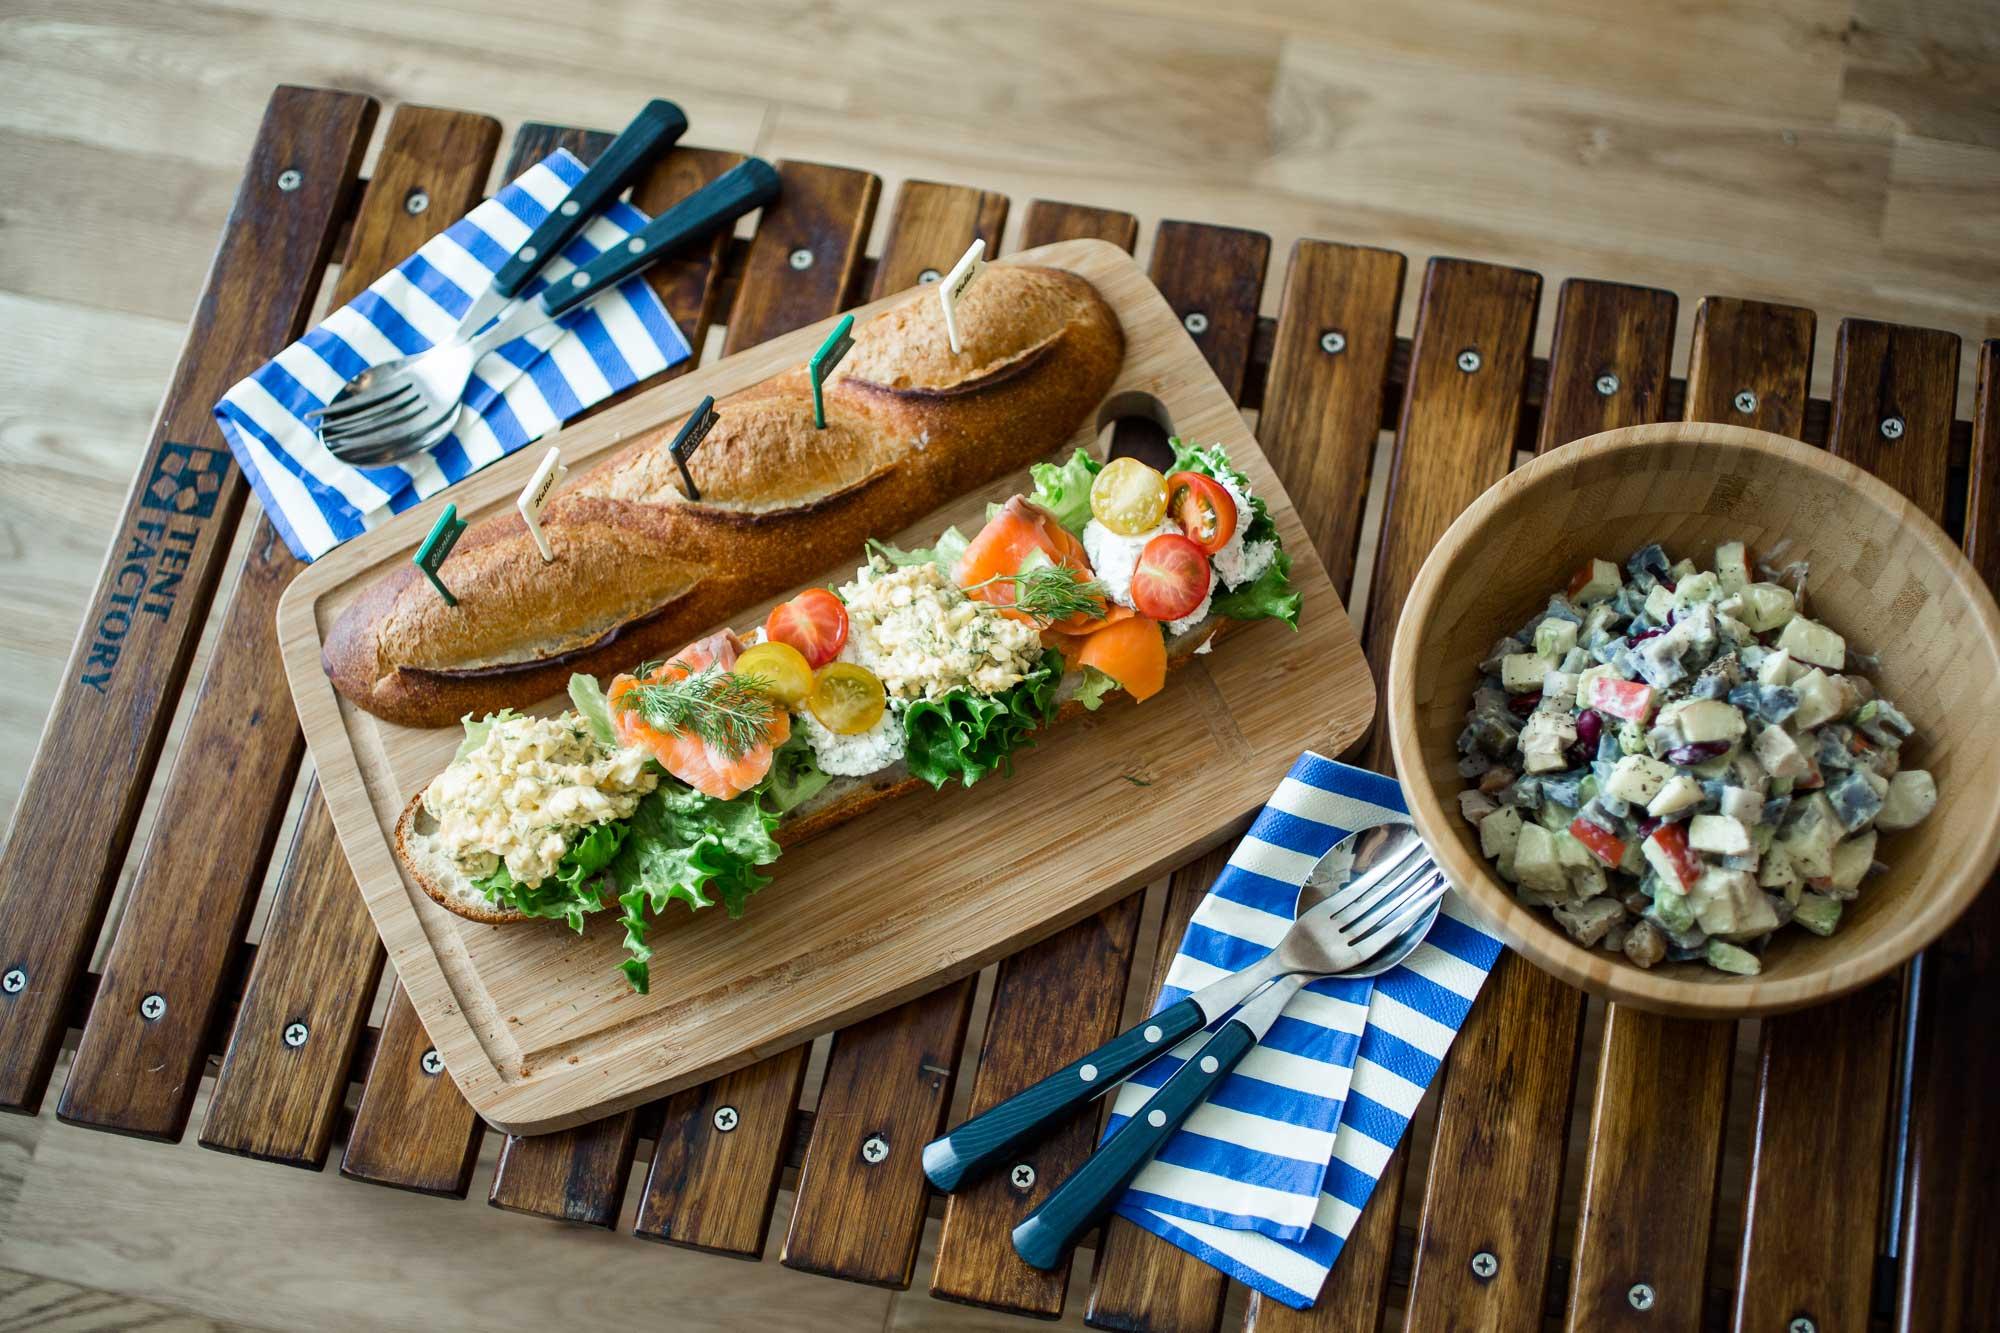 「チョップサラダ」と「バゲットサンド」でピクニックの準備